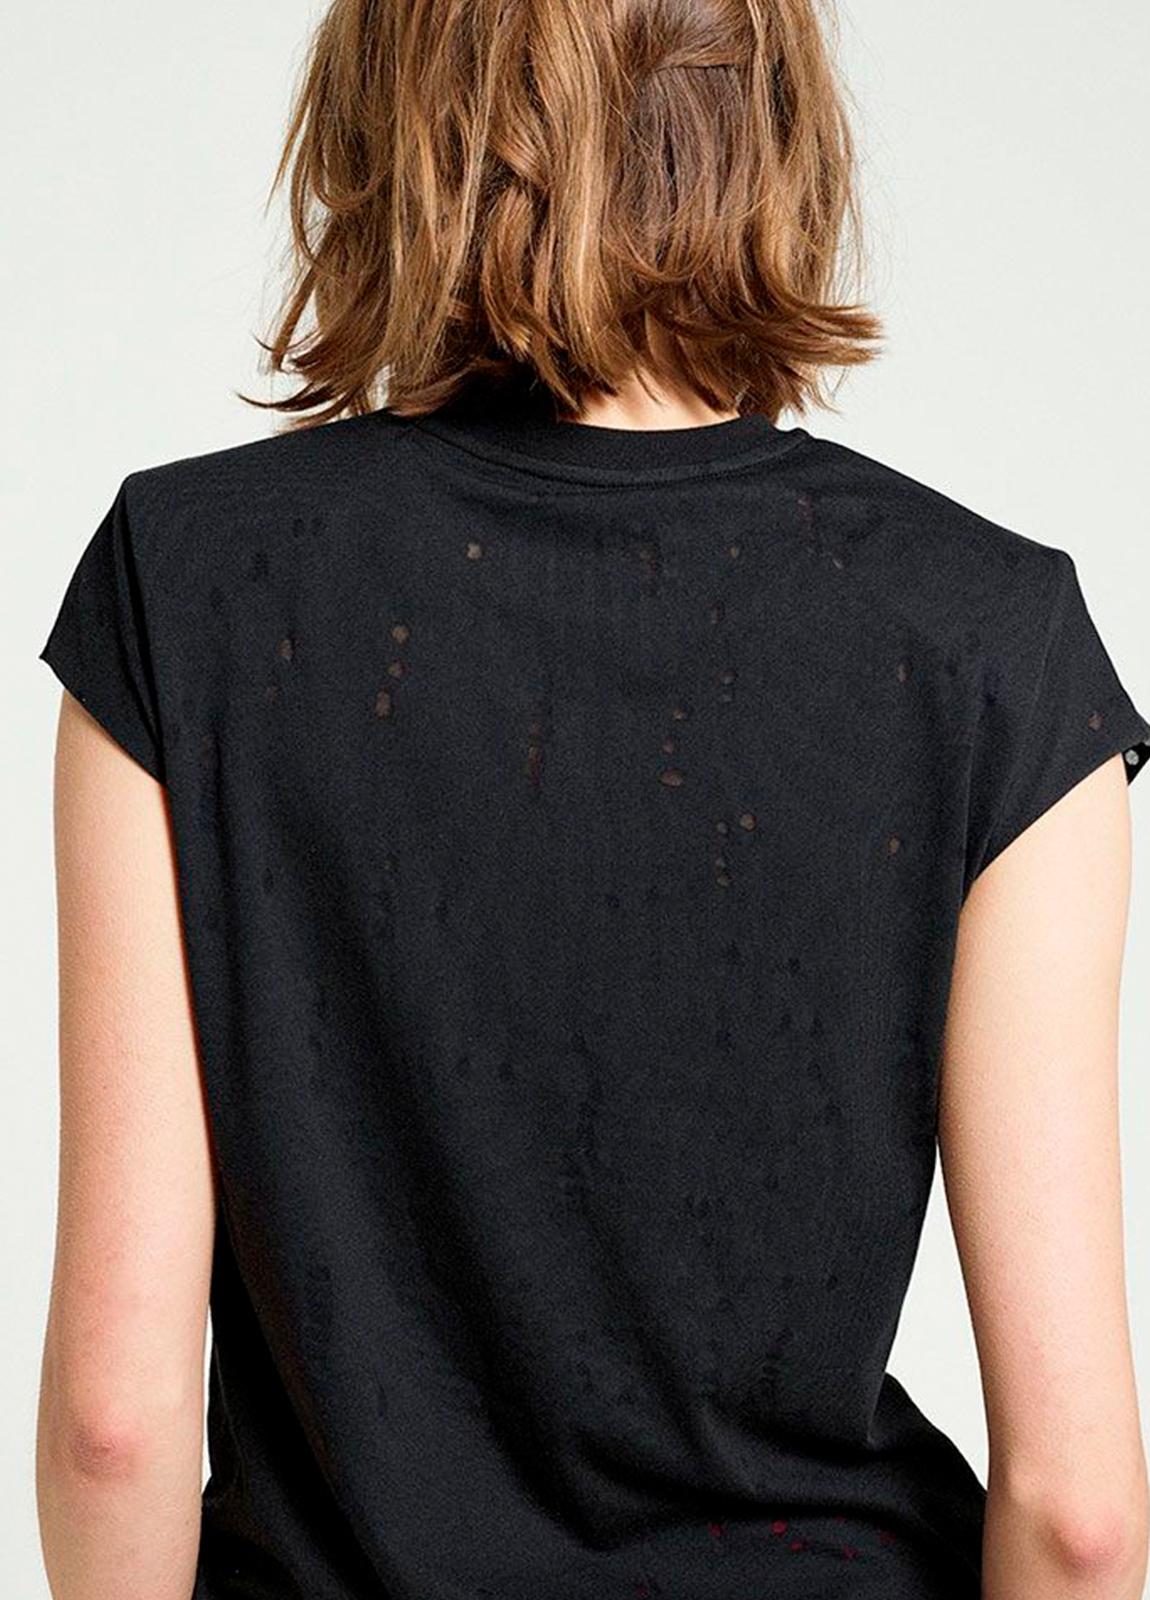 Camiseta manga corta color negro con estampado gráfico. 50% Algodón 50% Poliéster. - Ítem1